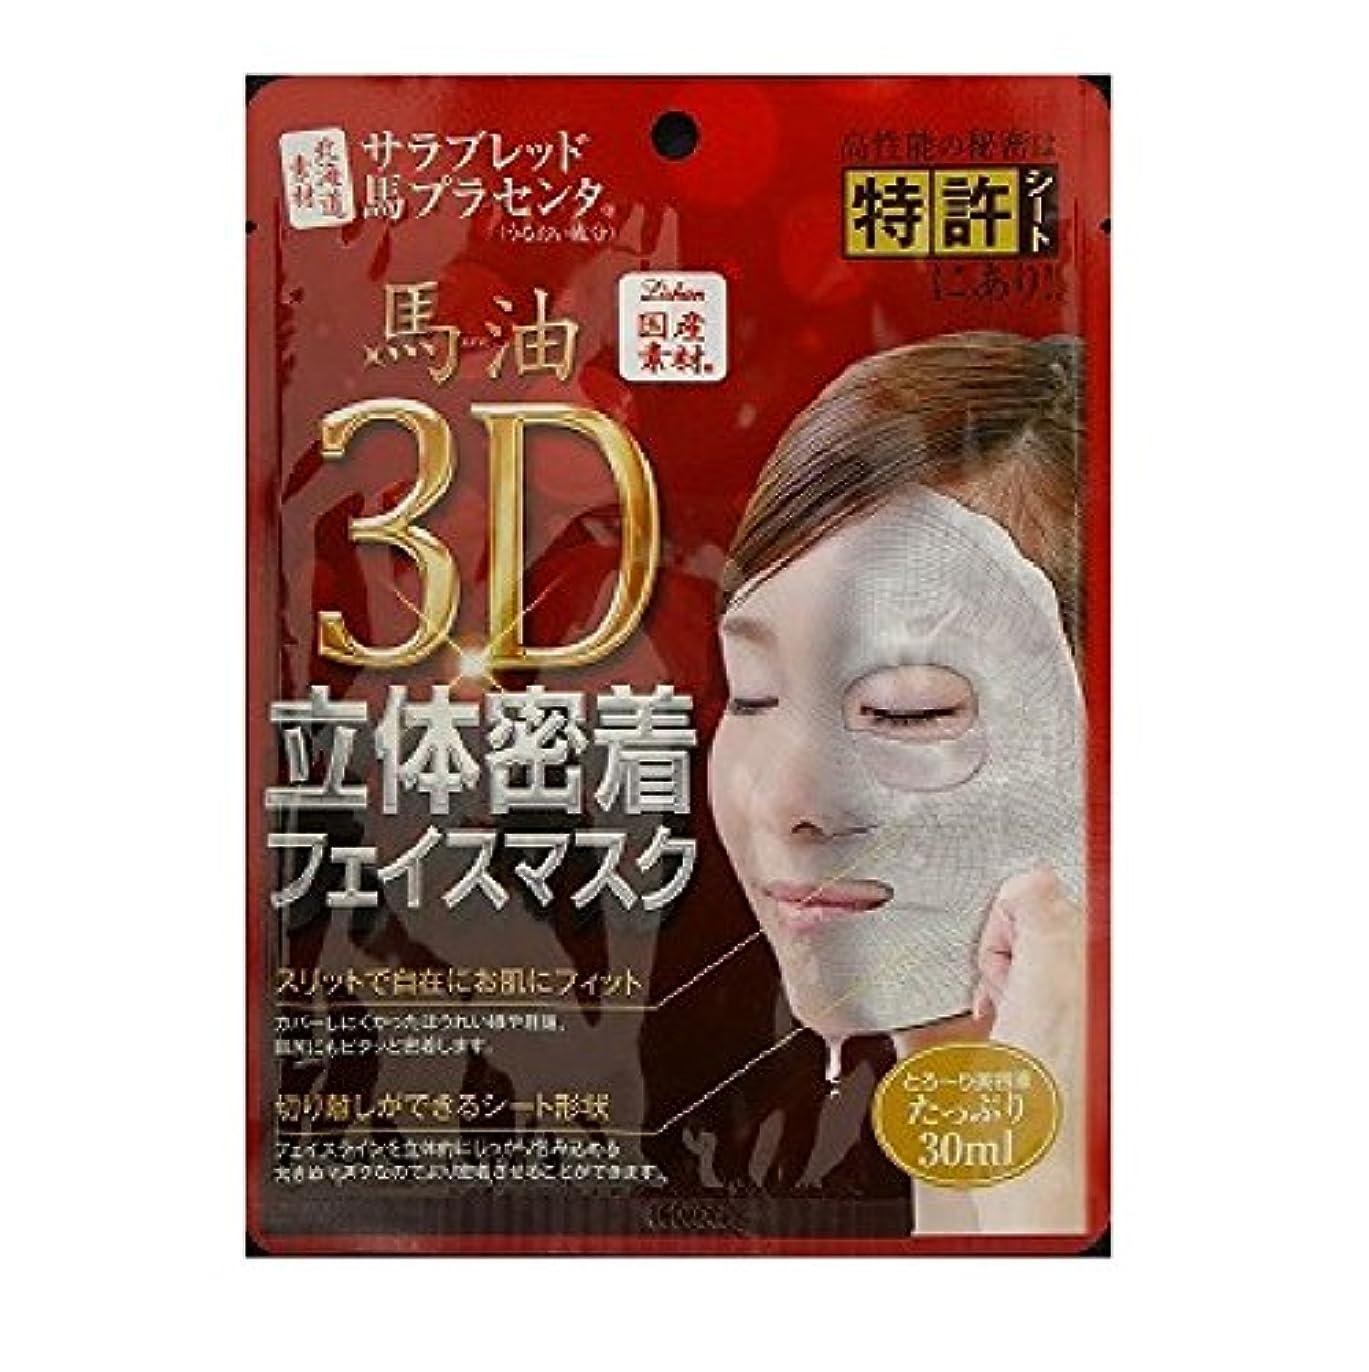 デモンストレーション矢じり内訳アイスタイル リシャン馬油3D立体密着フェイスマスク無香料 1枚入り